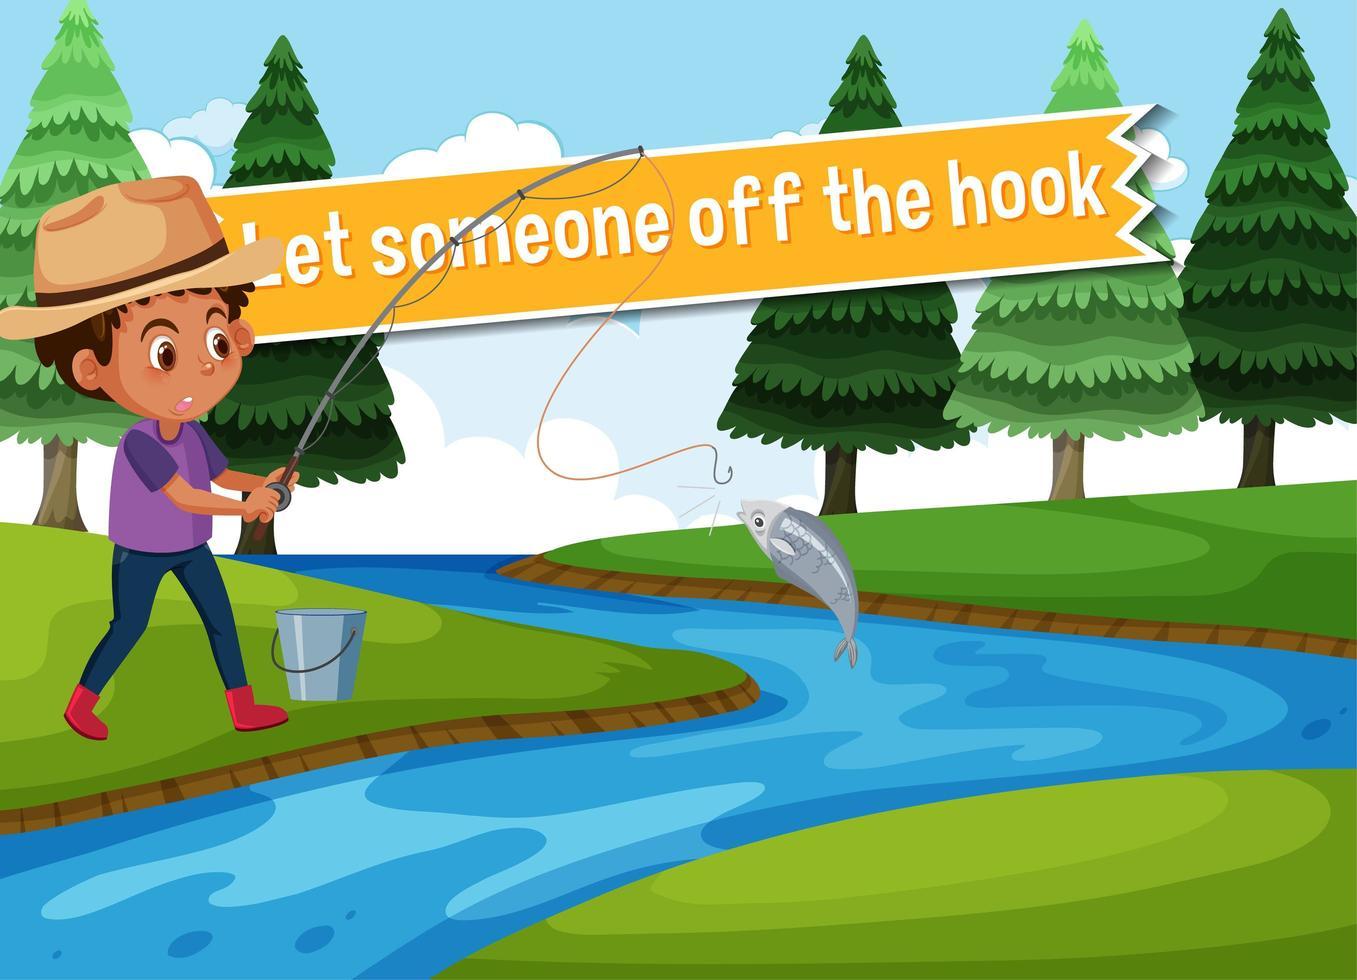 poster di idioma con lasciare qualcuno fuori dai guai vettore